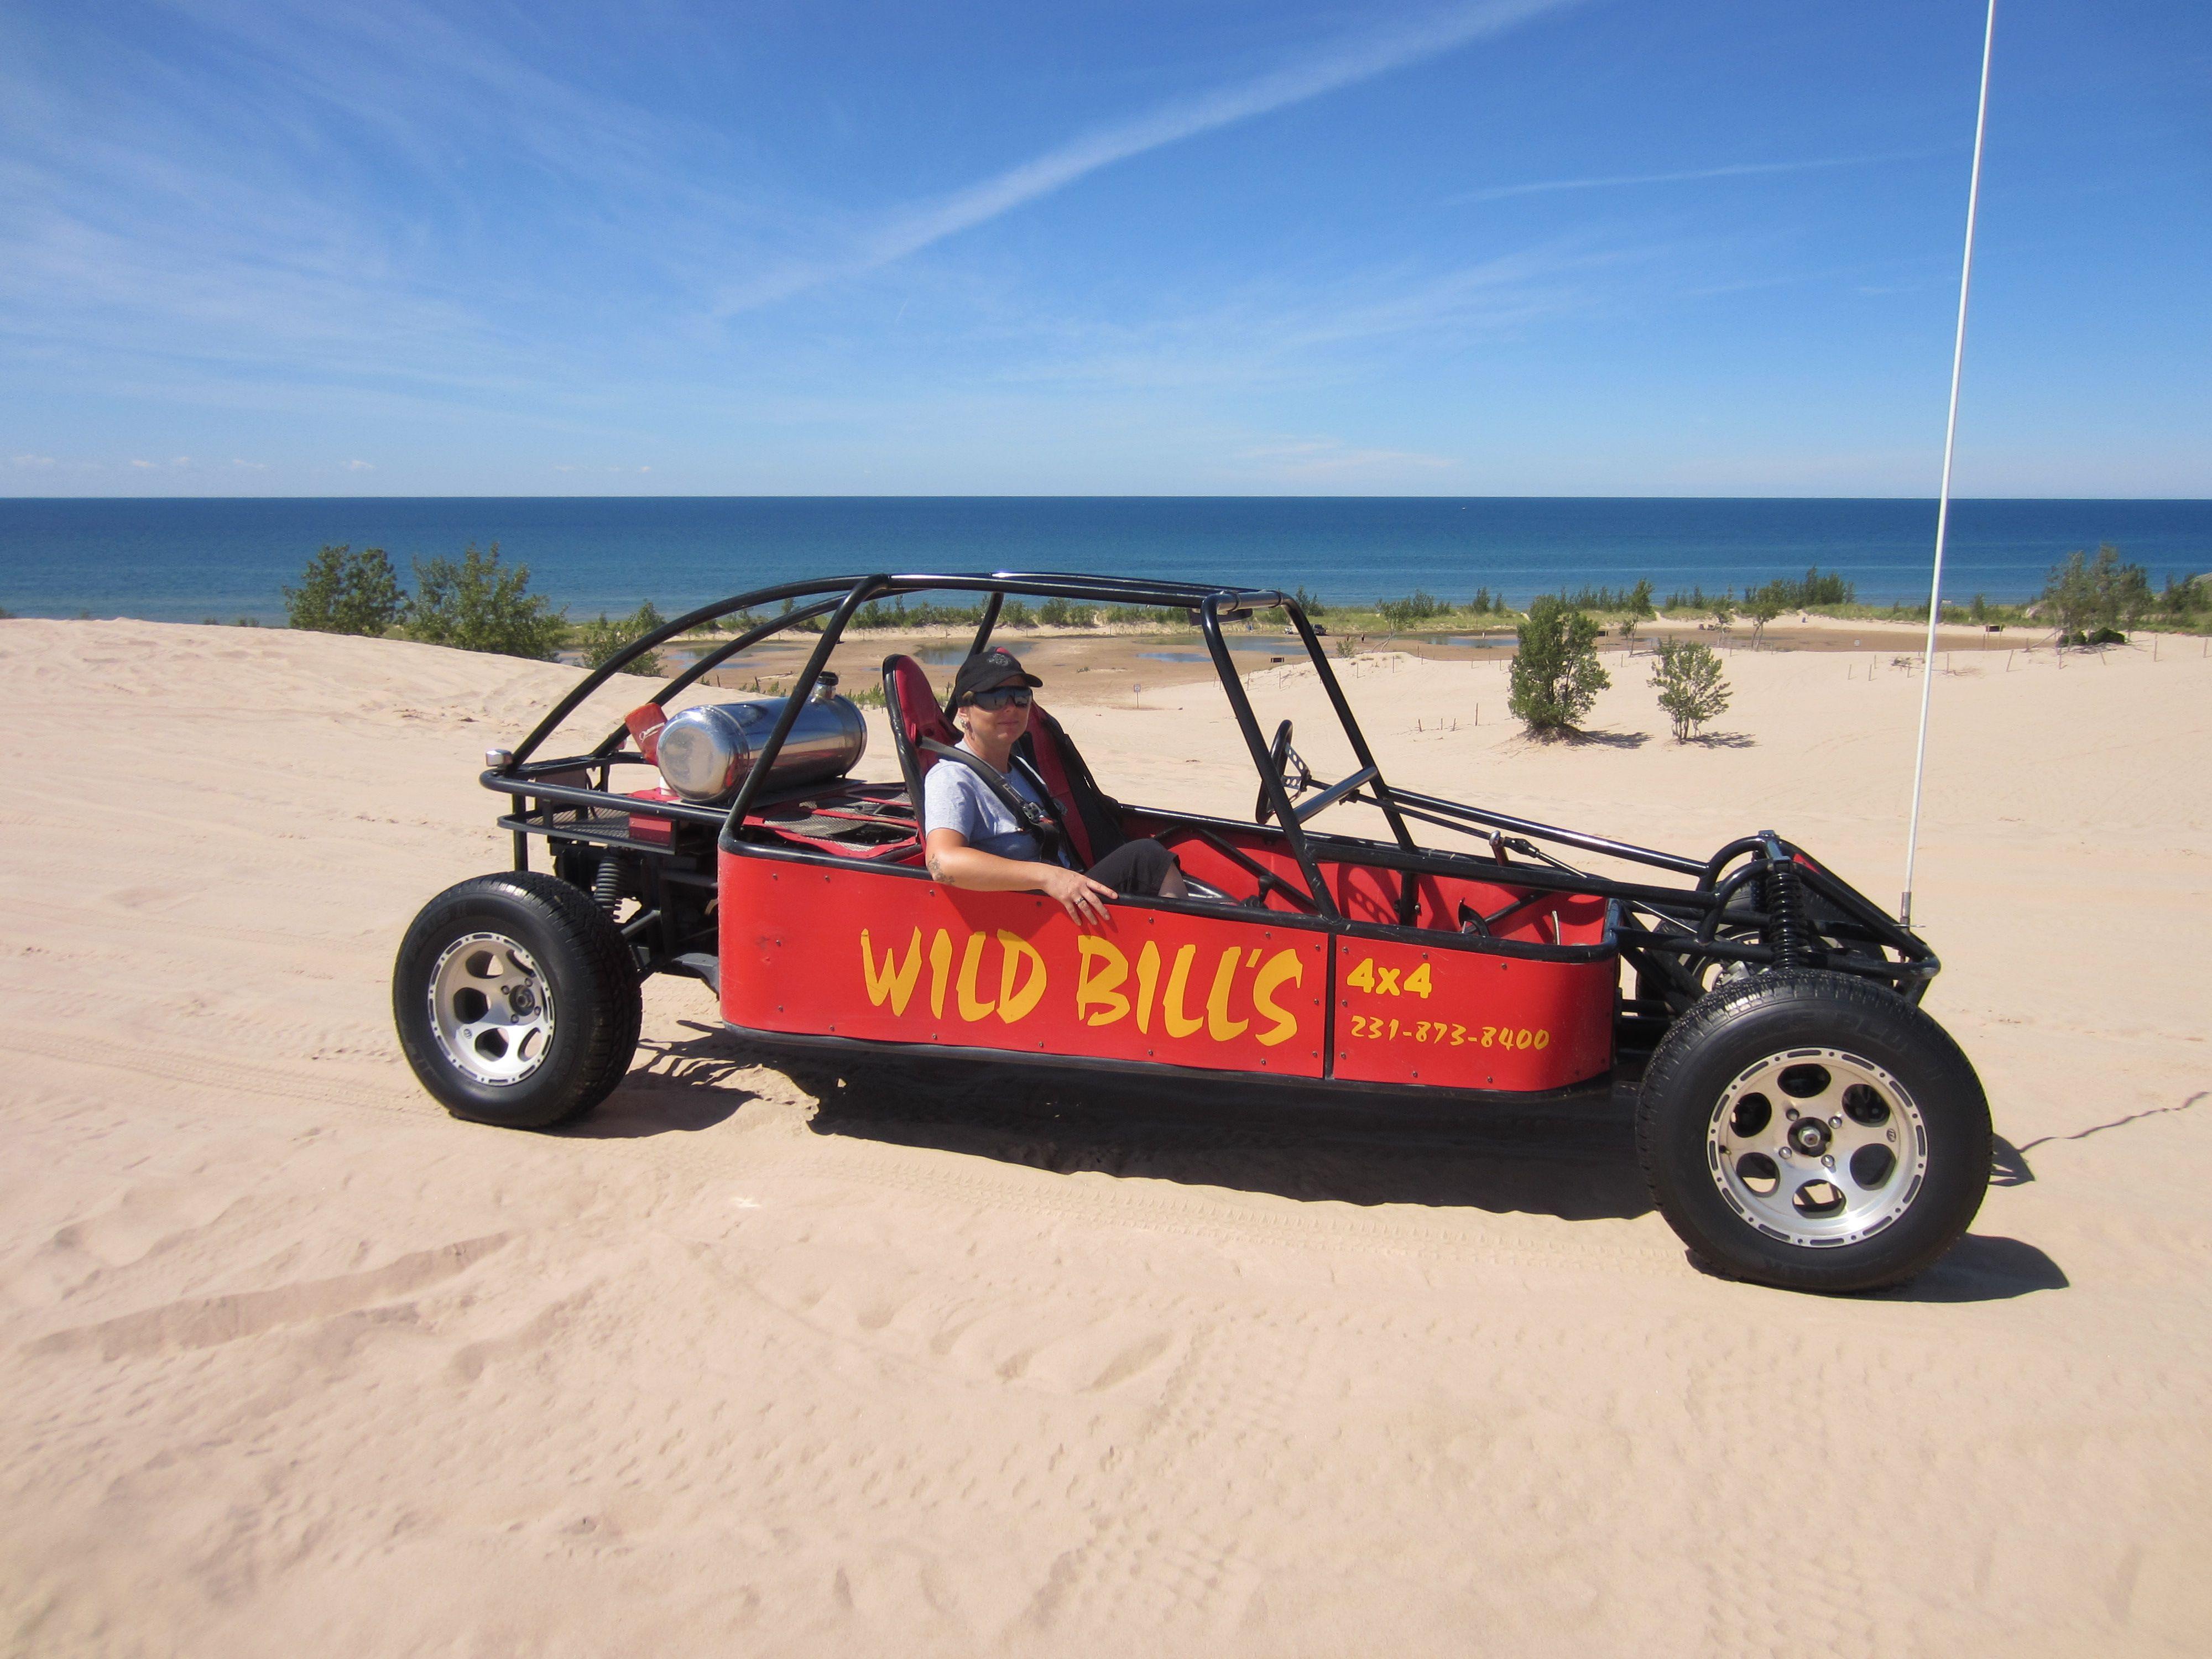 Dune buggy rentals